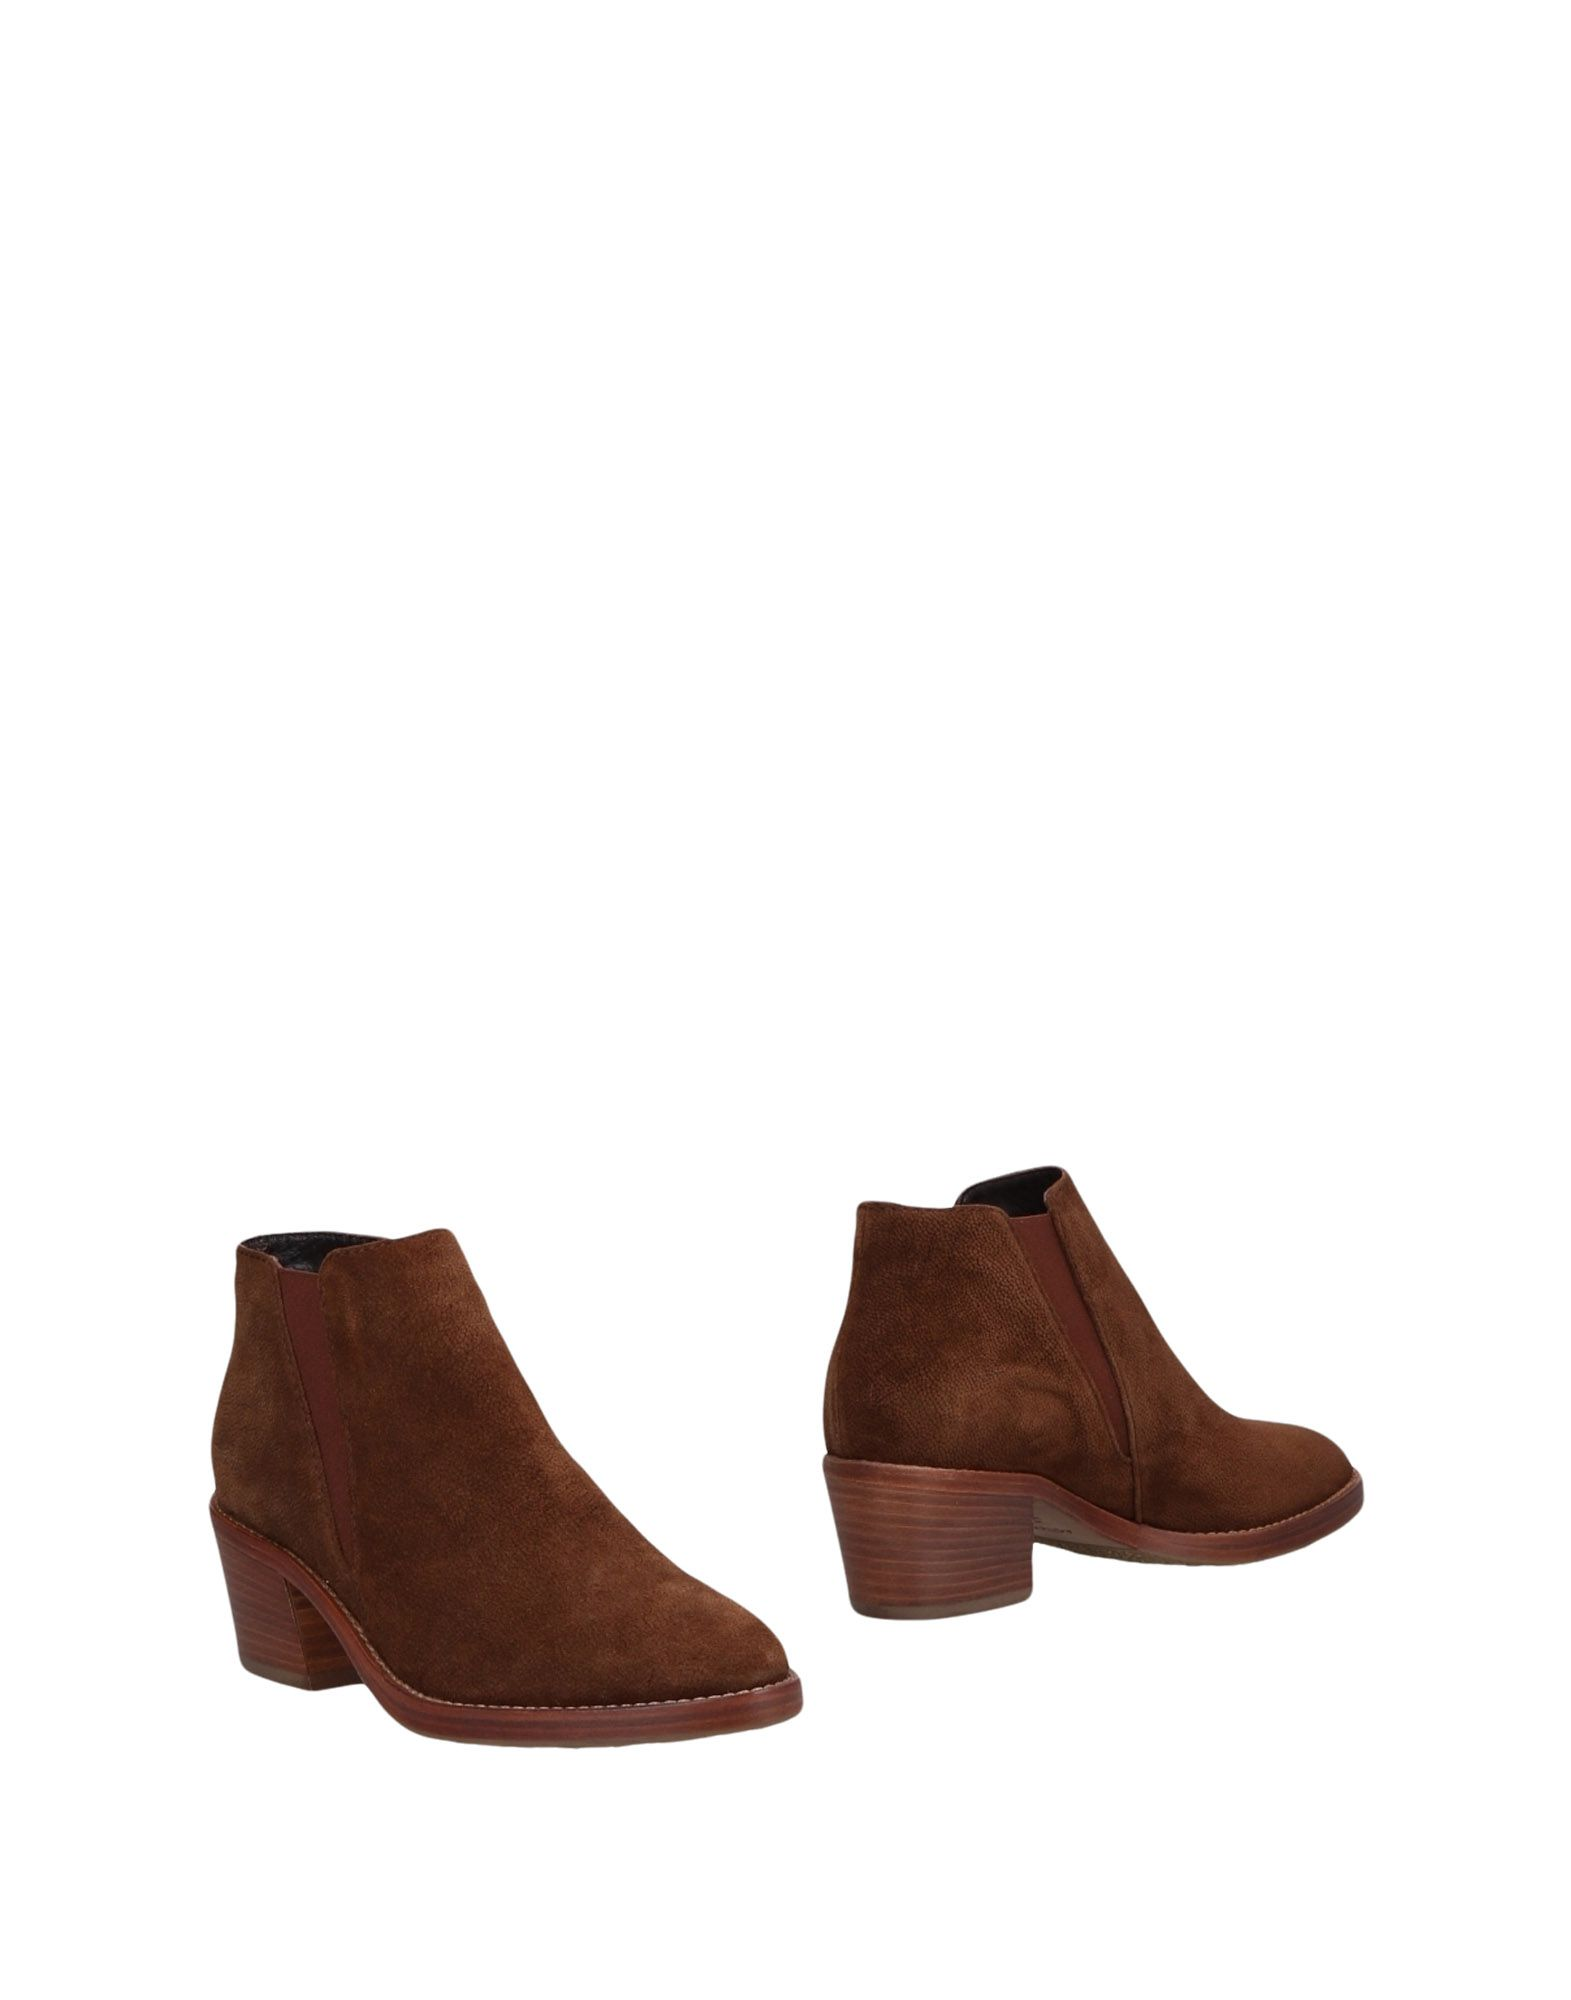 Aquatalia By Marvin K. Stiefelette Damen  11472613SGGut aussehende strapazierfähige Schuhe